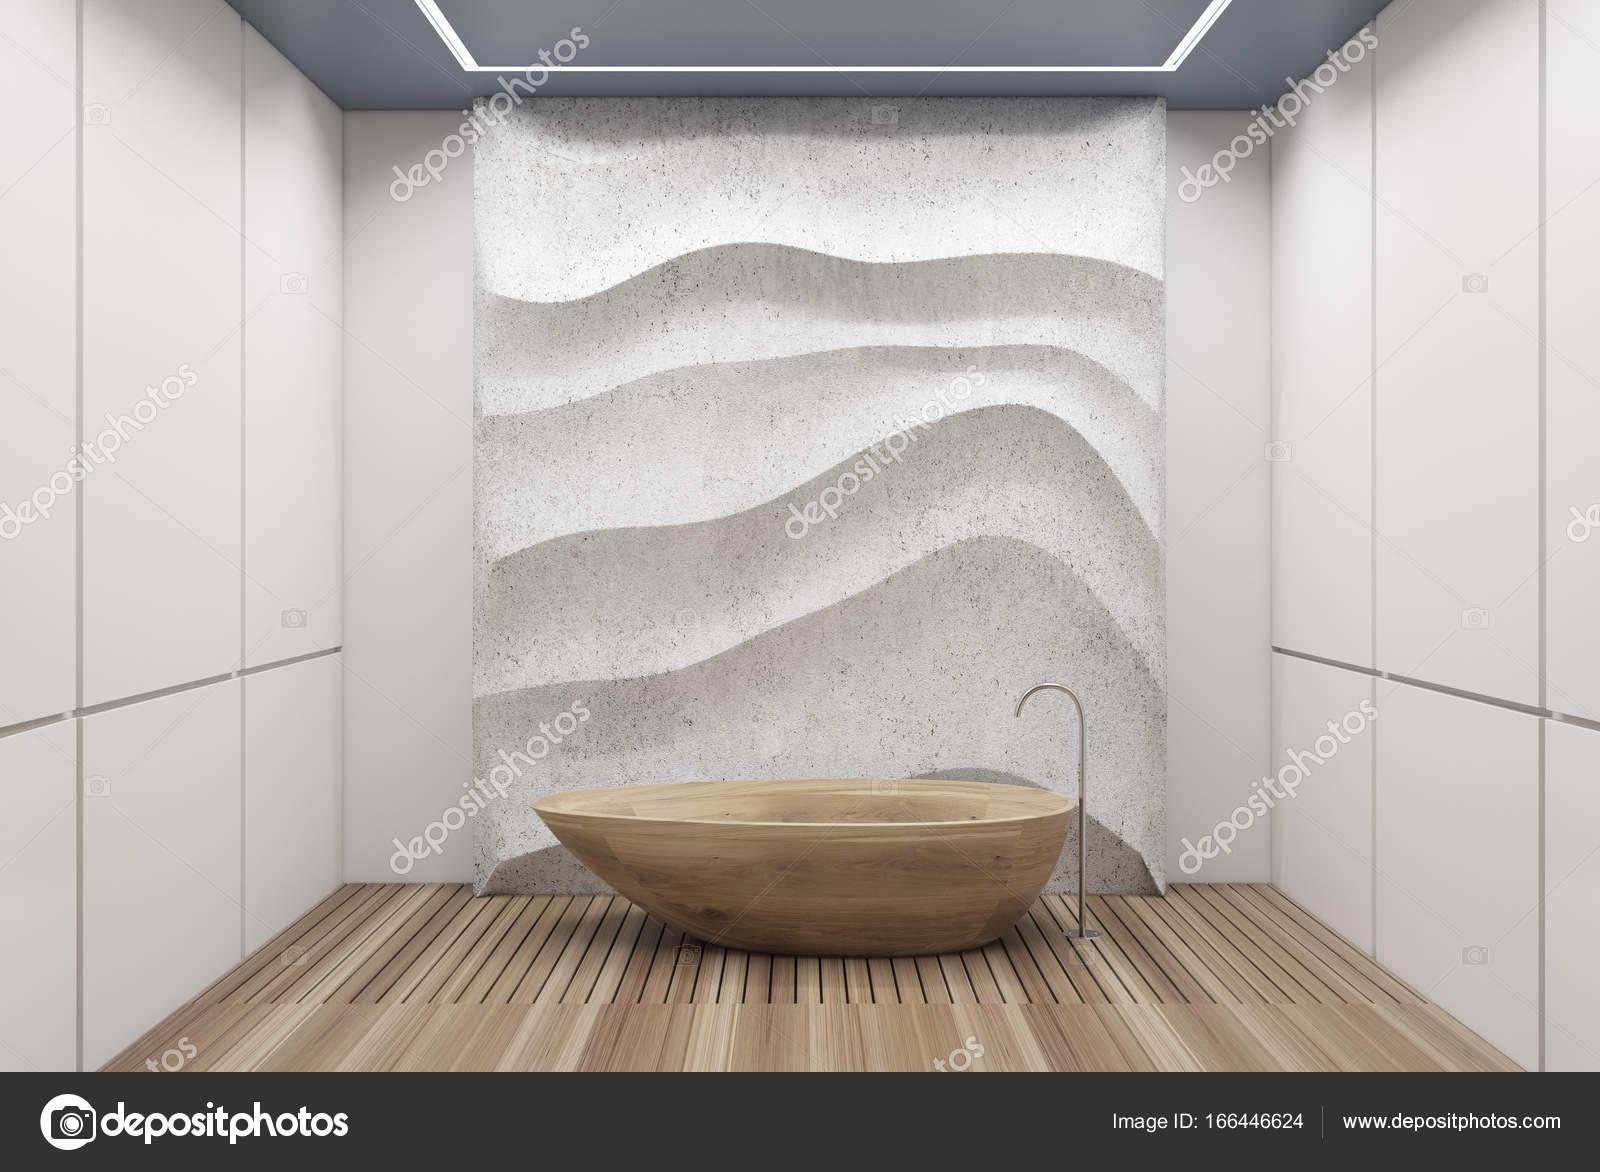 Vasca Da Lavare In Cemento : Bagno bianco e cemento vasca di legno u foto stock